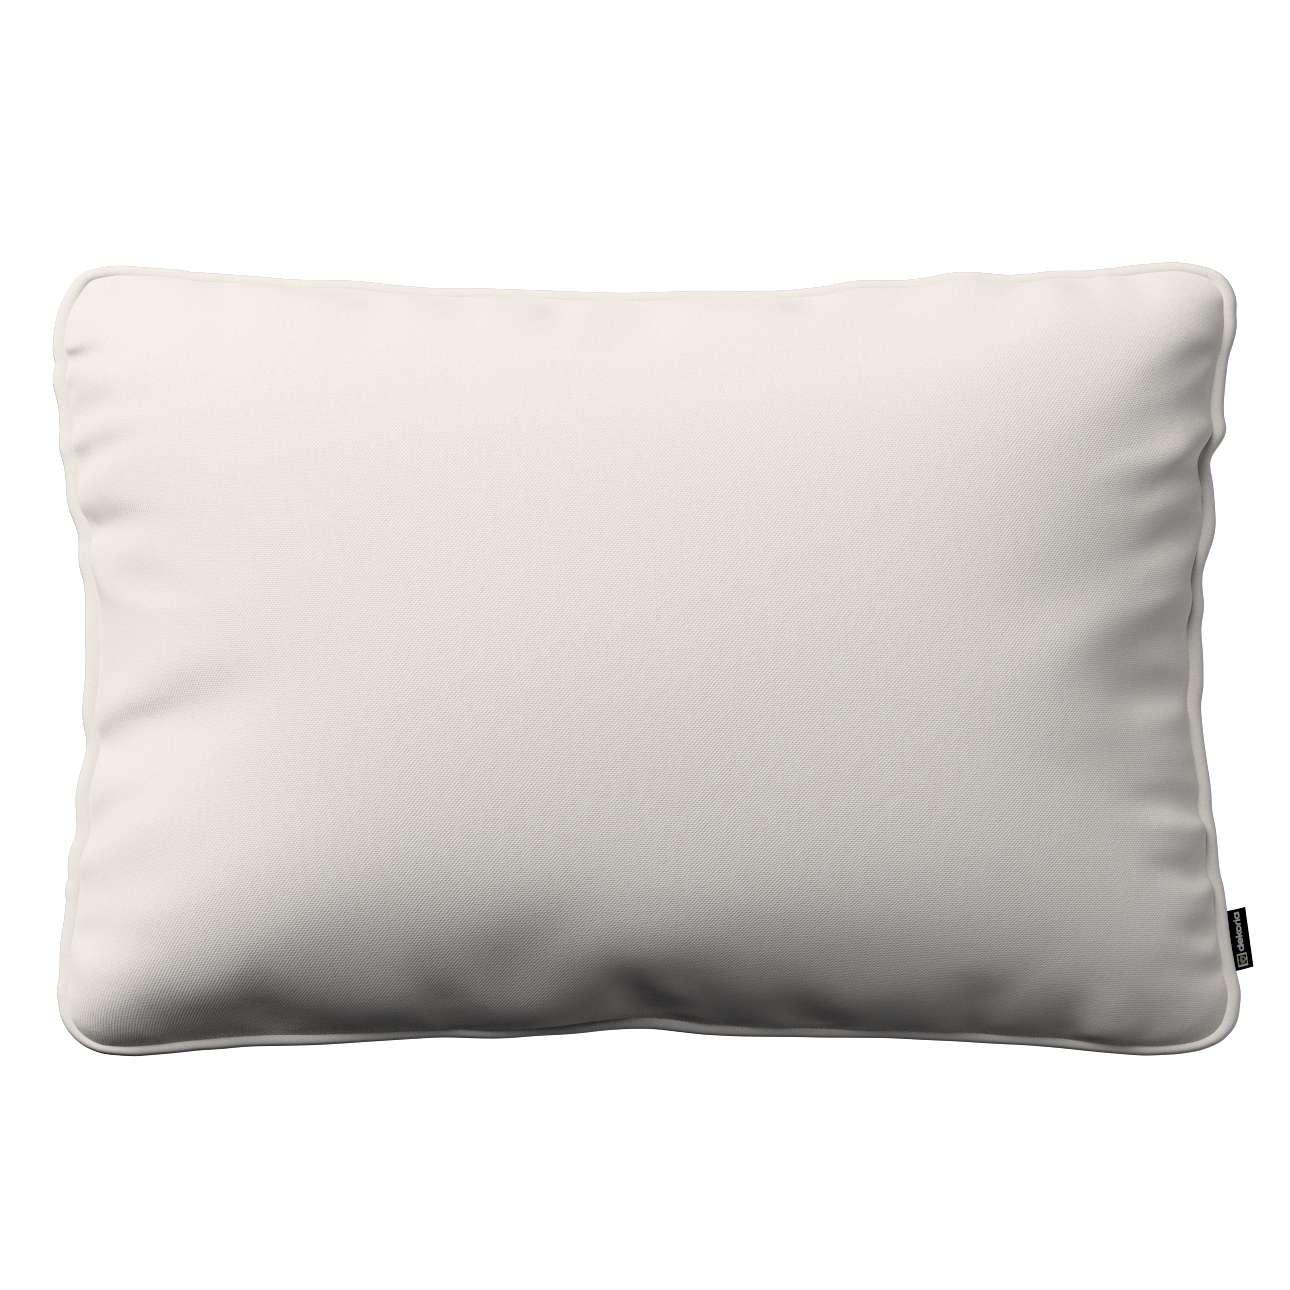 Poszewka Gabi na poduszkę prostokątna 60 x 40 cm w kolekcji Etna , tkanina: 705-01